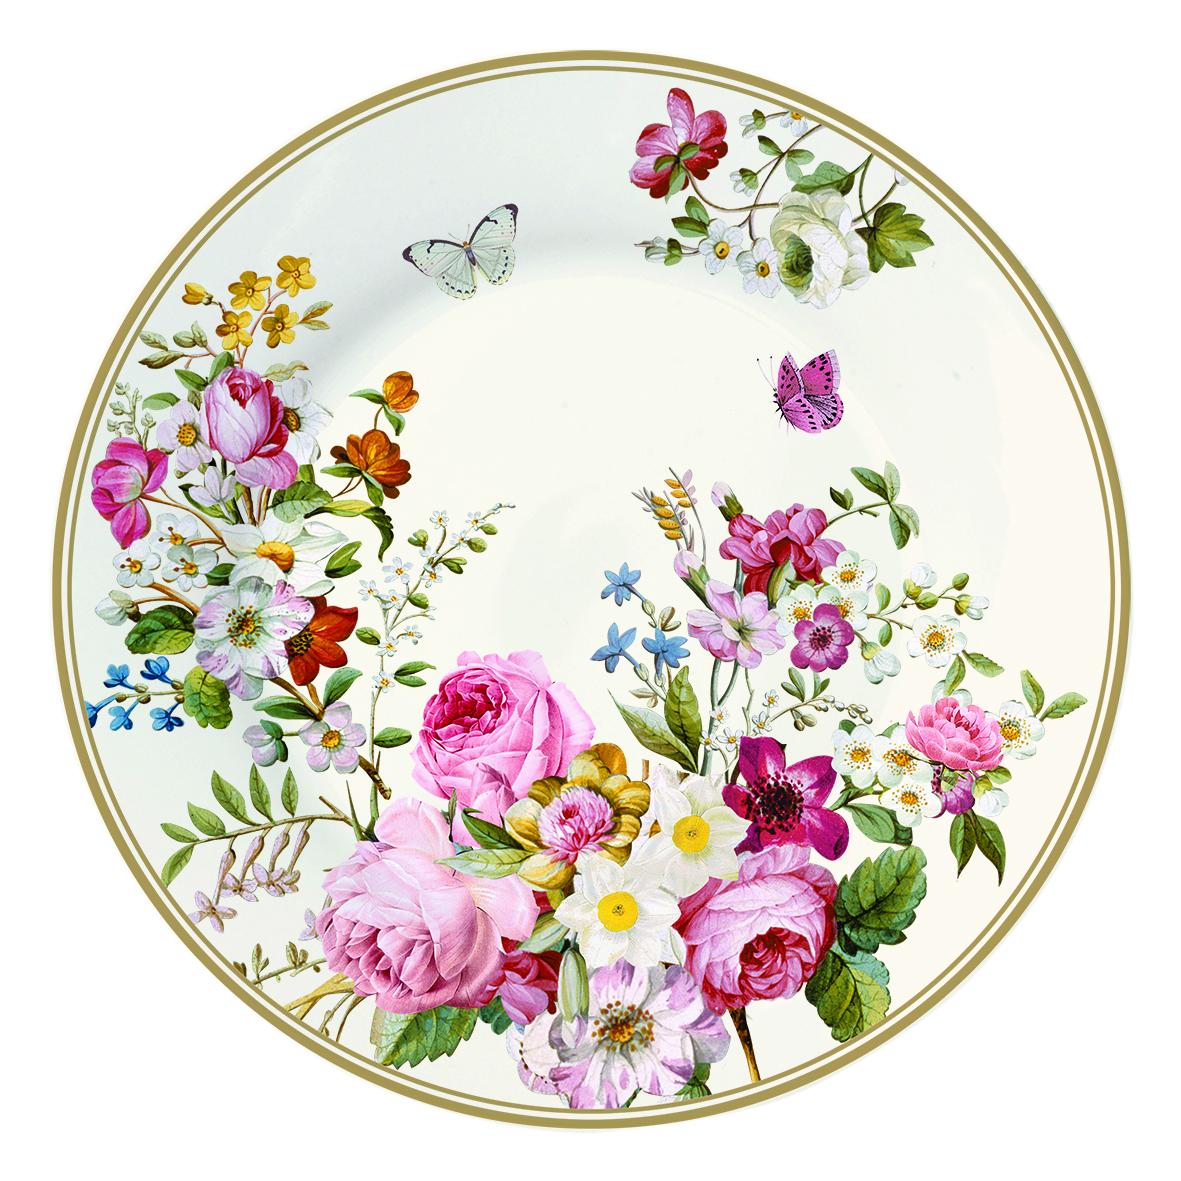 Тарелка десертная Nuova R2S Роскошные цветы, диаметр 19 см1358BLOCТарелка десертная Nuova R2S Роскошные цветы, выполненная из высококачественного фарфора, декорирована ярким изображением цветов. Изящный дизайн придется по вкусу и ценителям классики, и тем, кто предпочитает утонченность. Тарелка десертная Nuova R2S Роскошные цветы идеально подойдет для сервировки стола и станет отличным подарком к любому празднику. Можно использовать в микроволновой печи и мыть в посудомоечных машинах. Диаметр тарелки (по верхнему краю): 19 см.